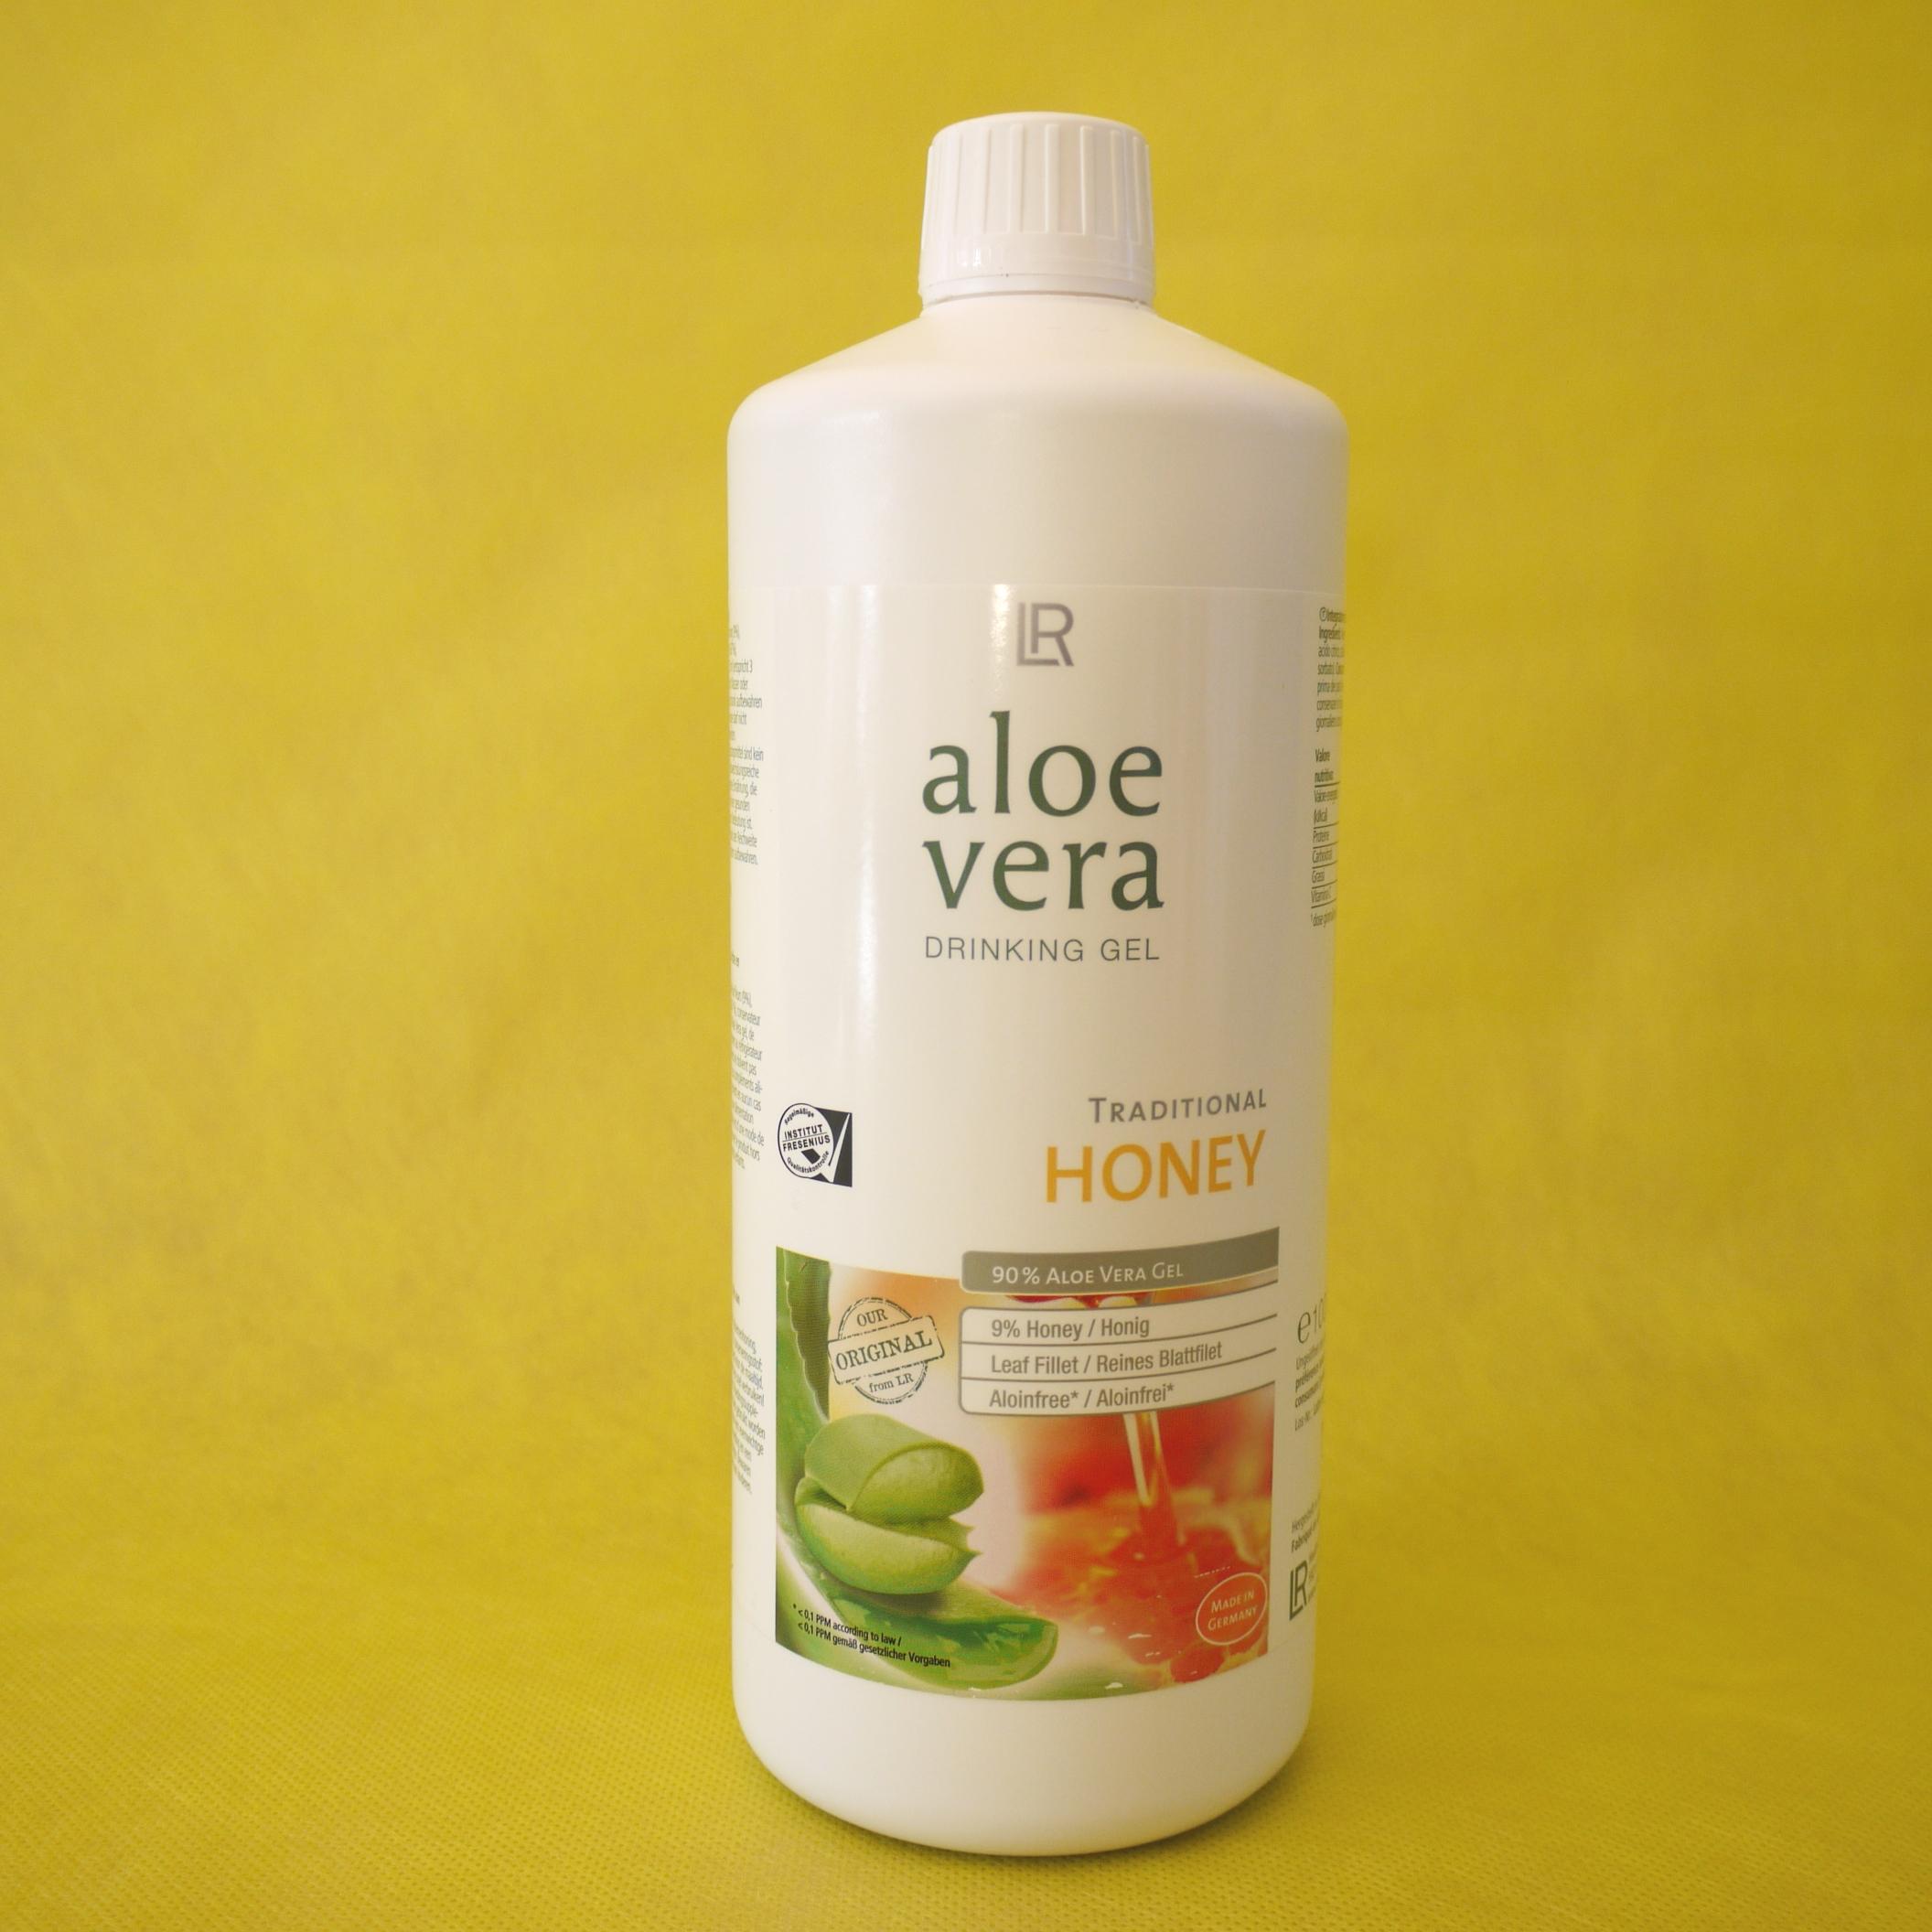 LR-ALOE-VERA-Drinking-Gel-Honey-Trink-Gel-Honig-Natur-Gesundheit-TOP